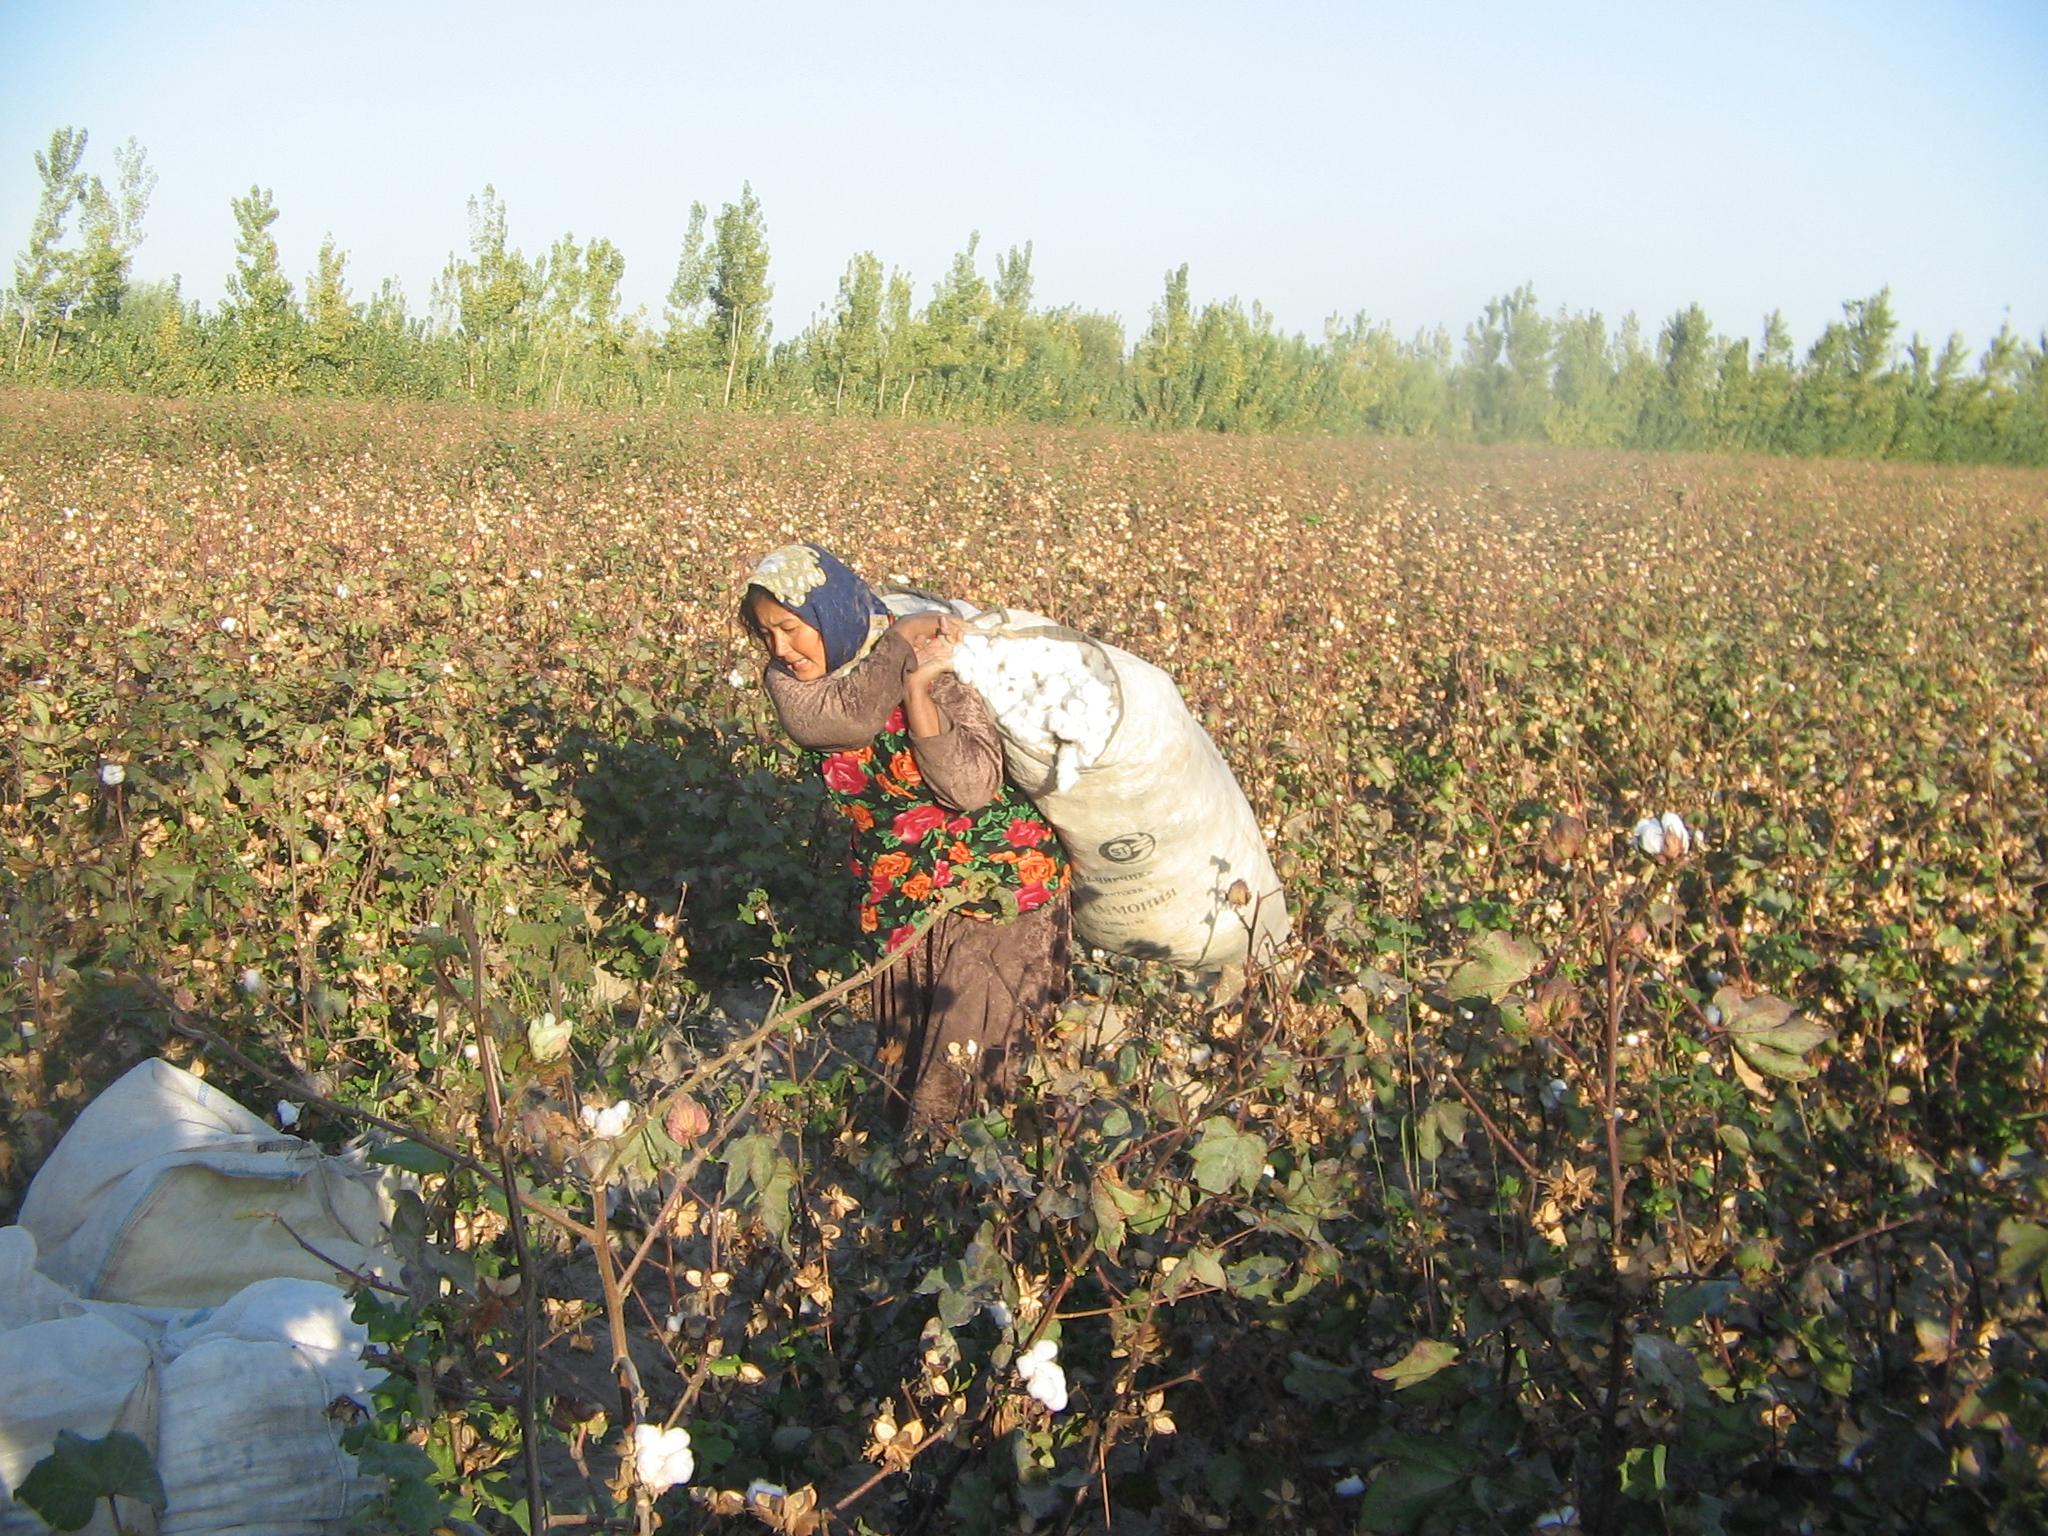 Бренды хотят получить гарантии борьбы с принудительным трудом и поддержки гражданского общества в Узбекистане